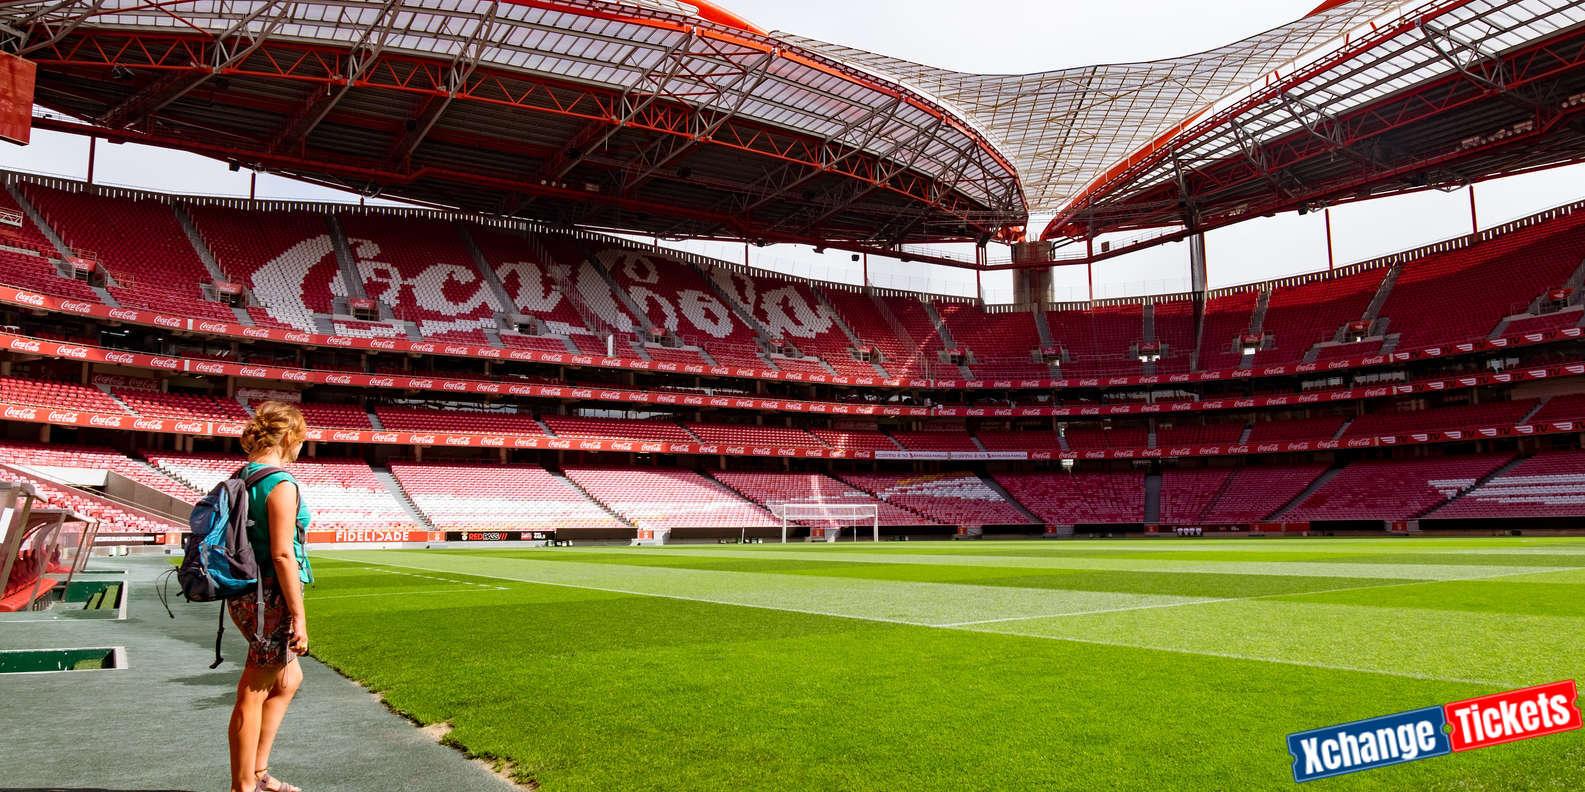 Lisbon's Estadio da Luz